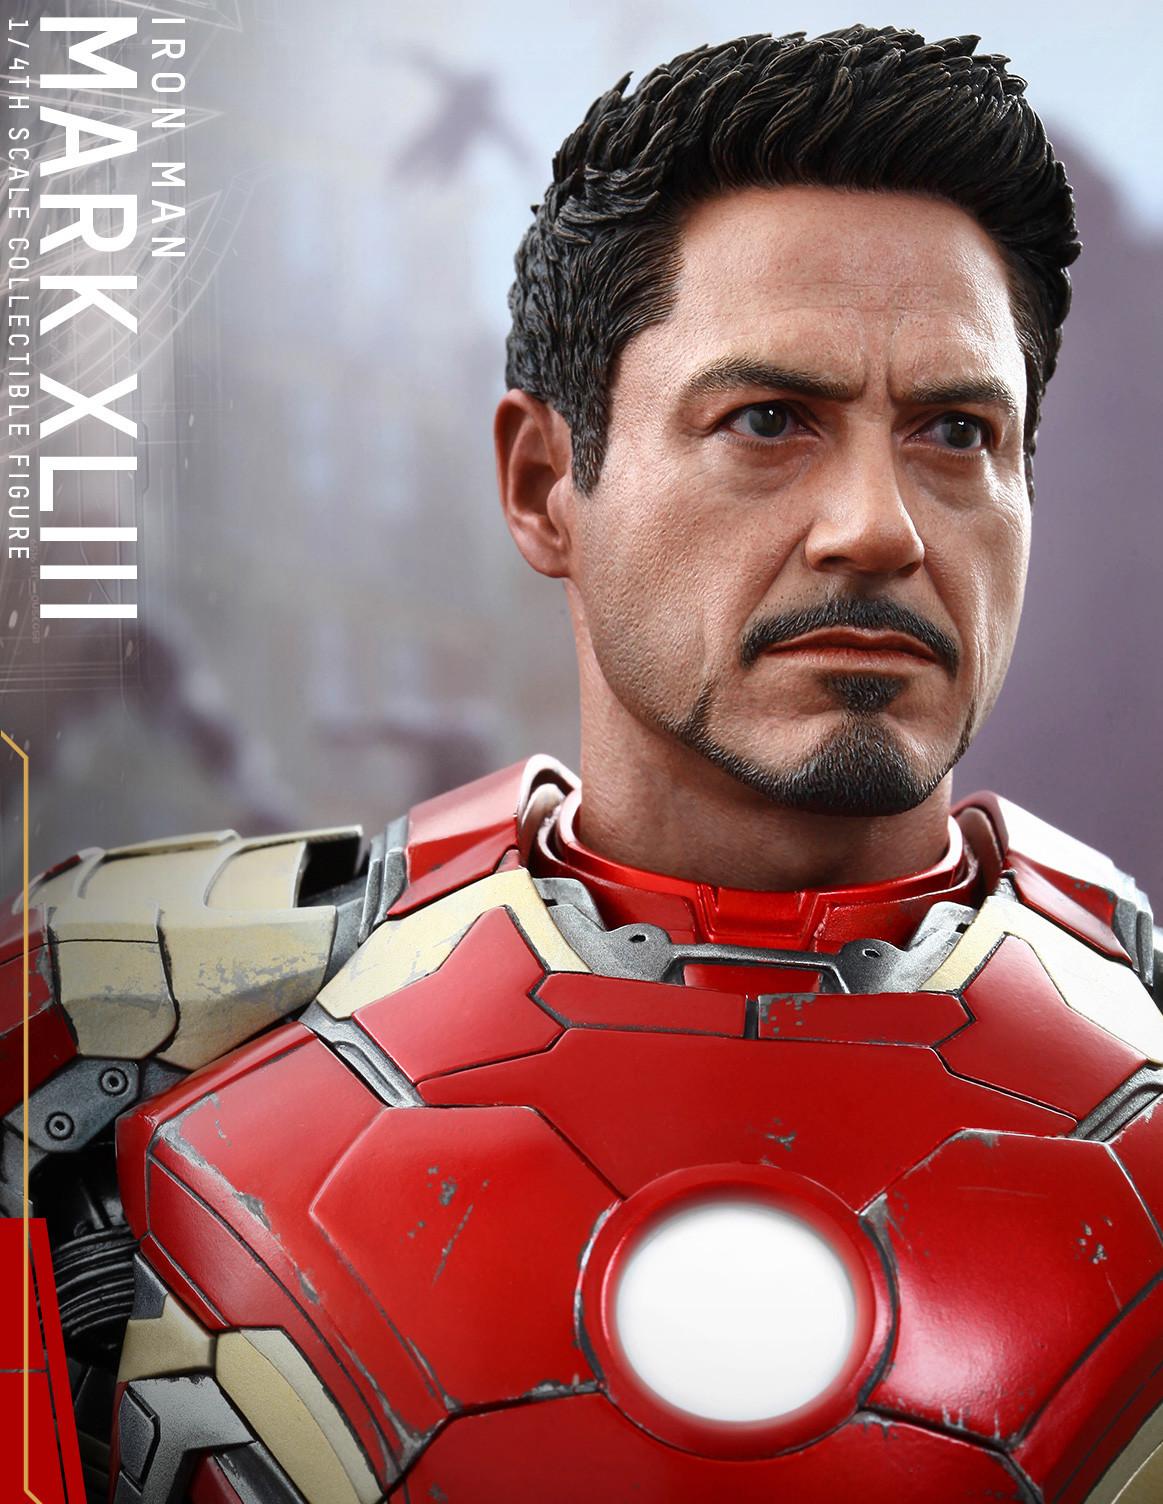 Iron Man Mark 43 Hot Toys Tony Stark Head Robert Downey Jr. Portrait Robert Downey